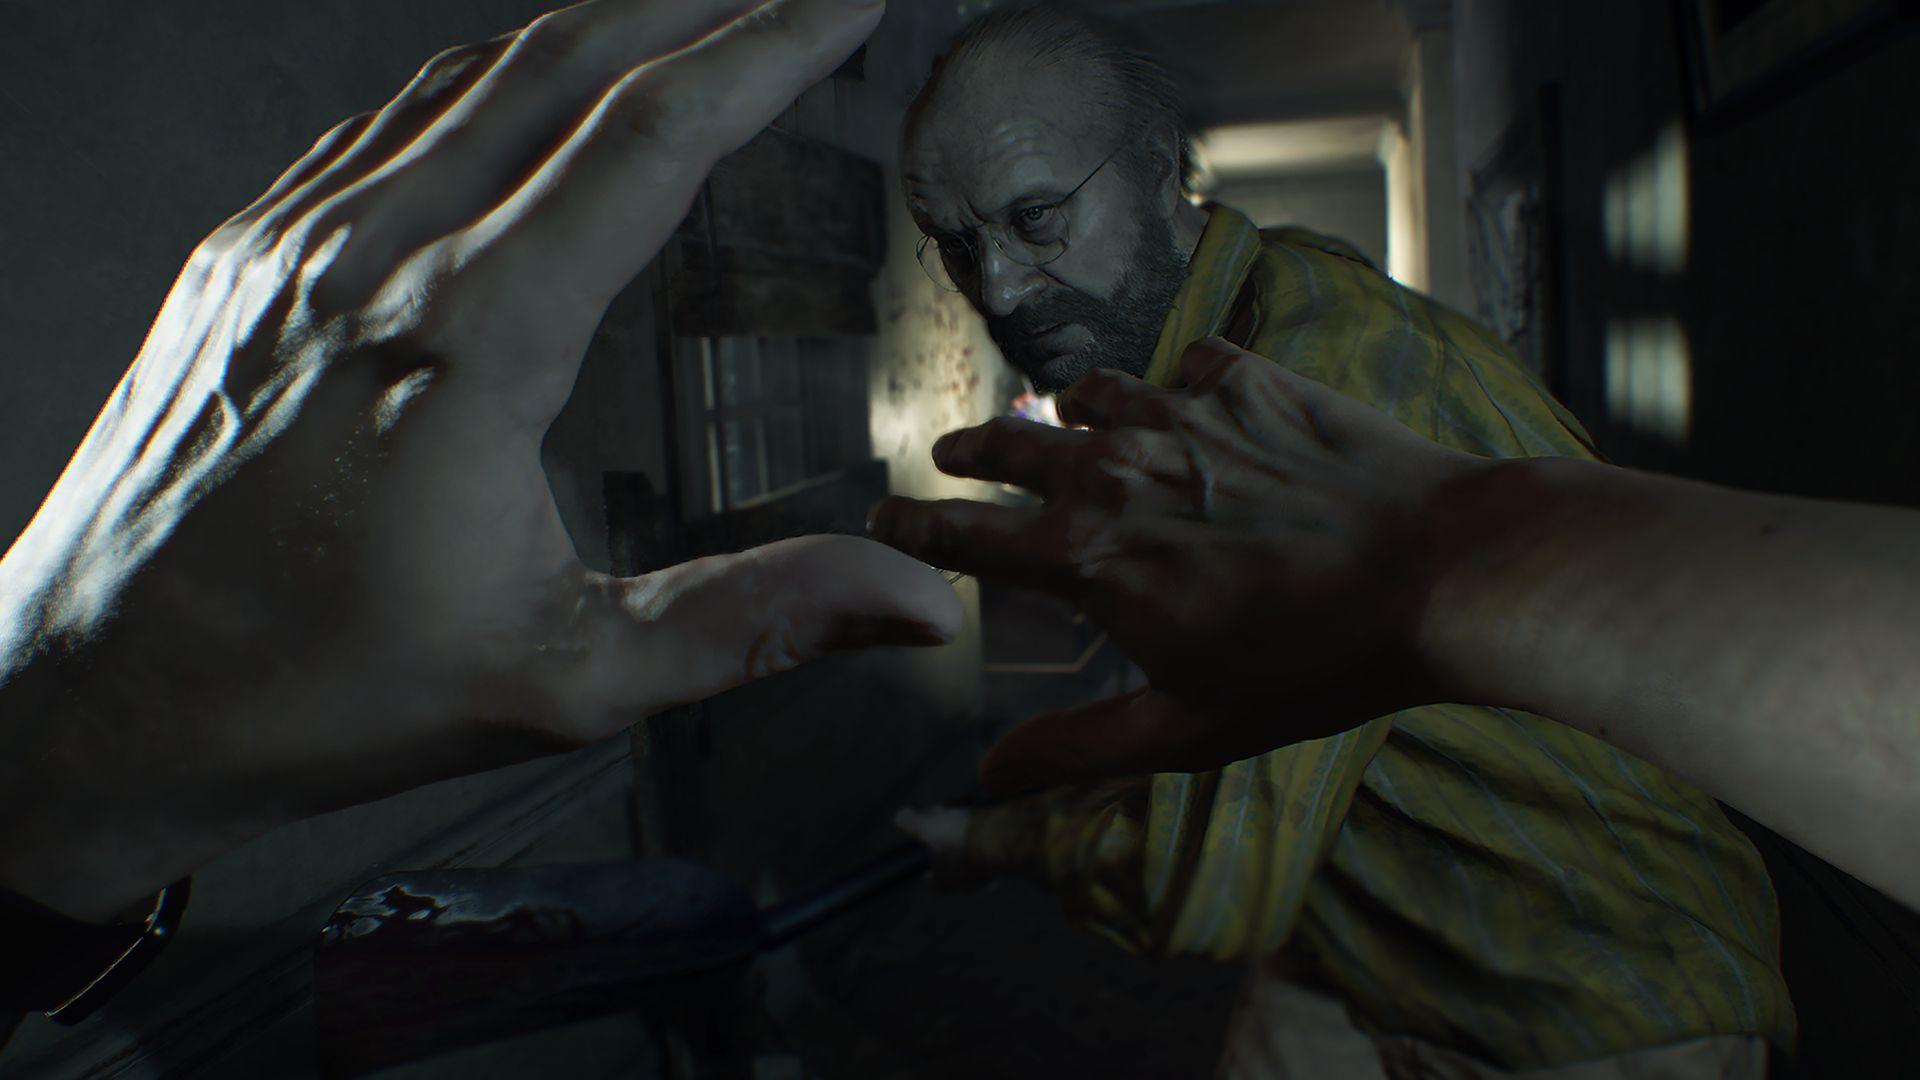 2 - أفضل ألعاب النجاة من الصعوبات الهائلة على Resident Evil 7 biohazard - PS4